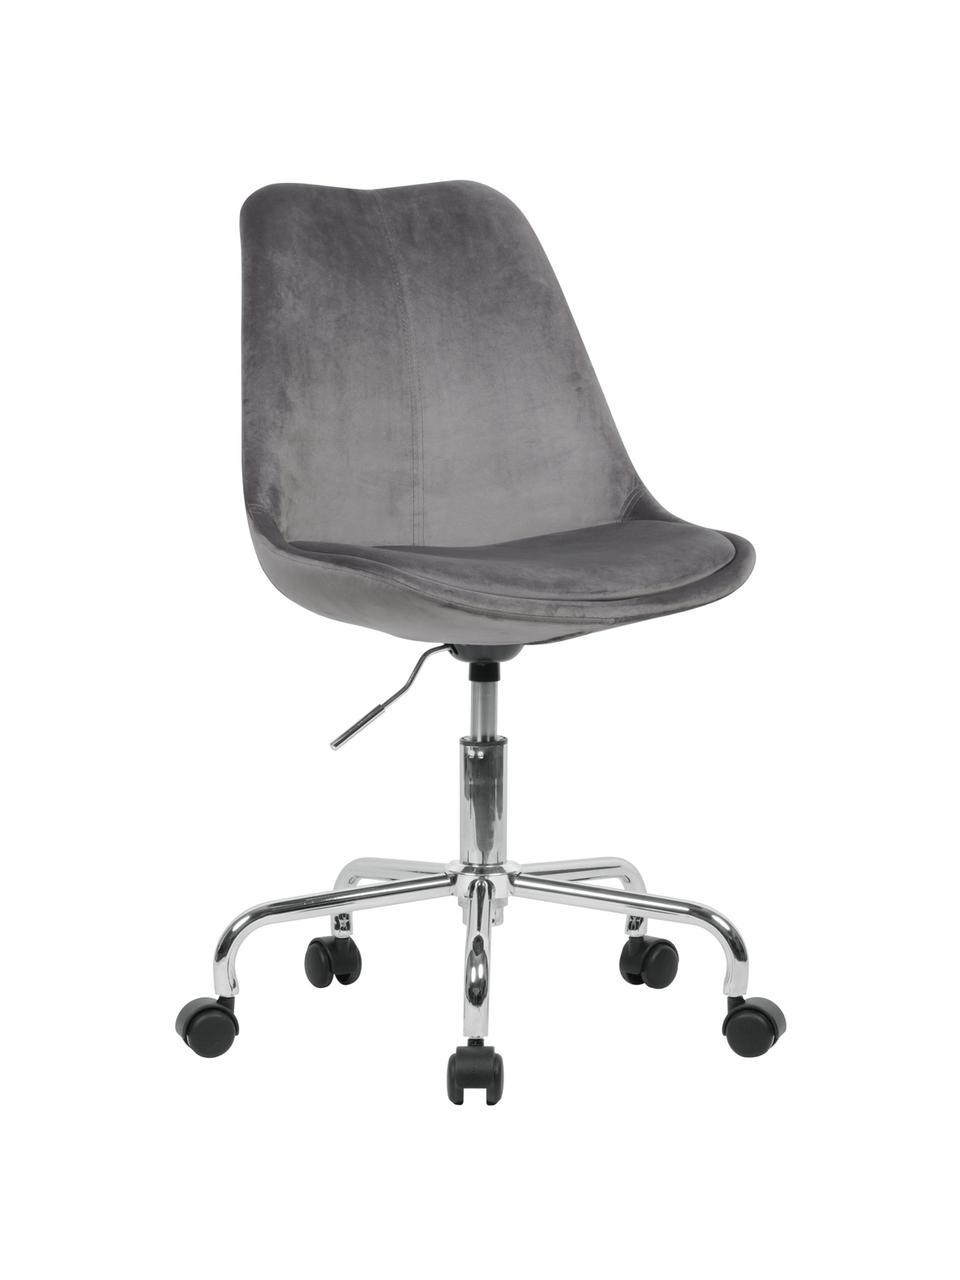 Fluwelen bureaustoel Lenka, in hoogte verstelbaar, Bekleding: fluweel, Frame: verchroomd metaal, Fluweel grijs, B 65 x D 56 cm